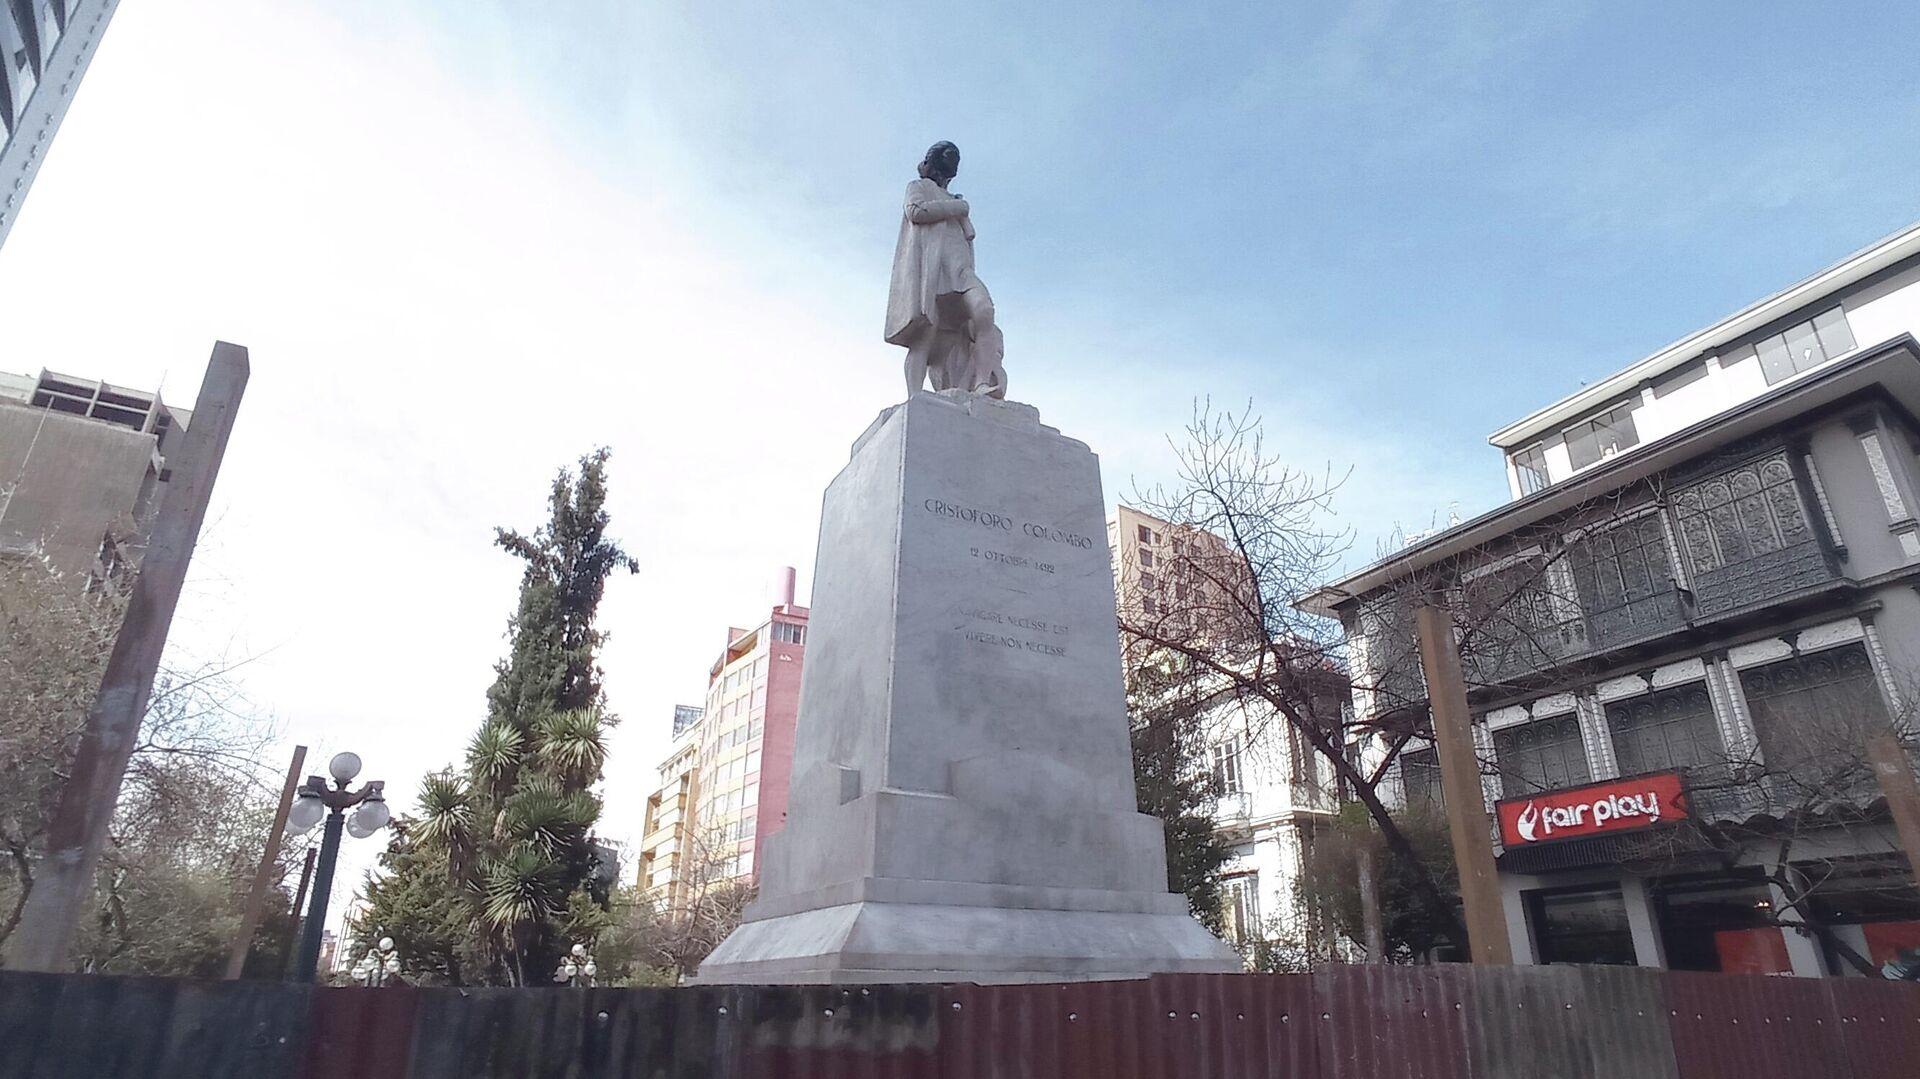 Estatua de Cristóbal Colón en La Paz, Bolivia - Sputnik Mundo, 1920, 05.08.2021